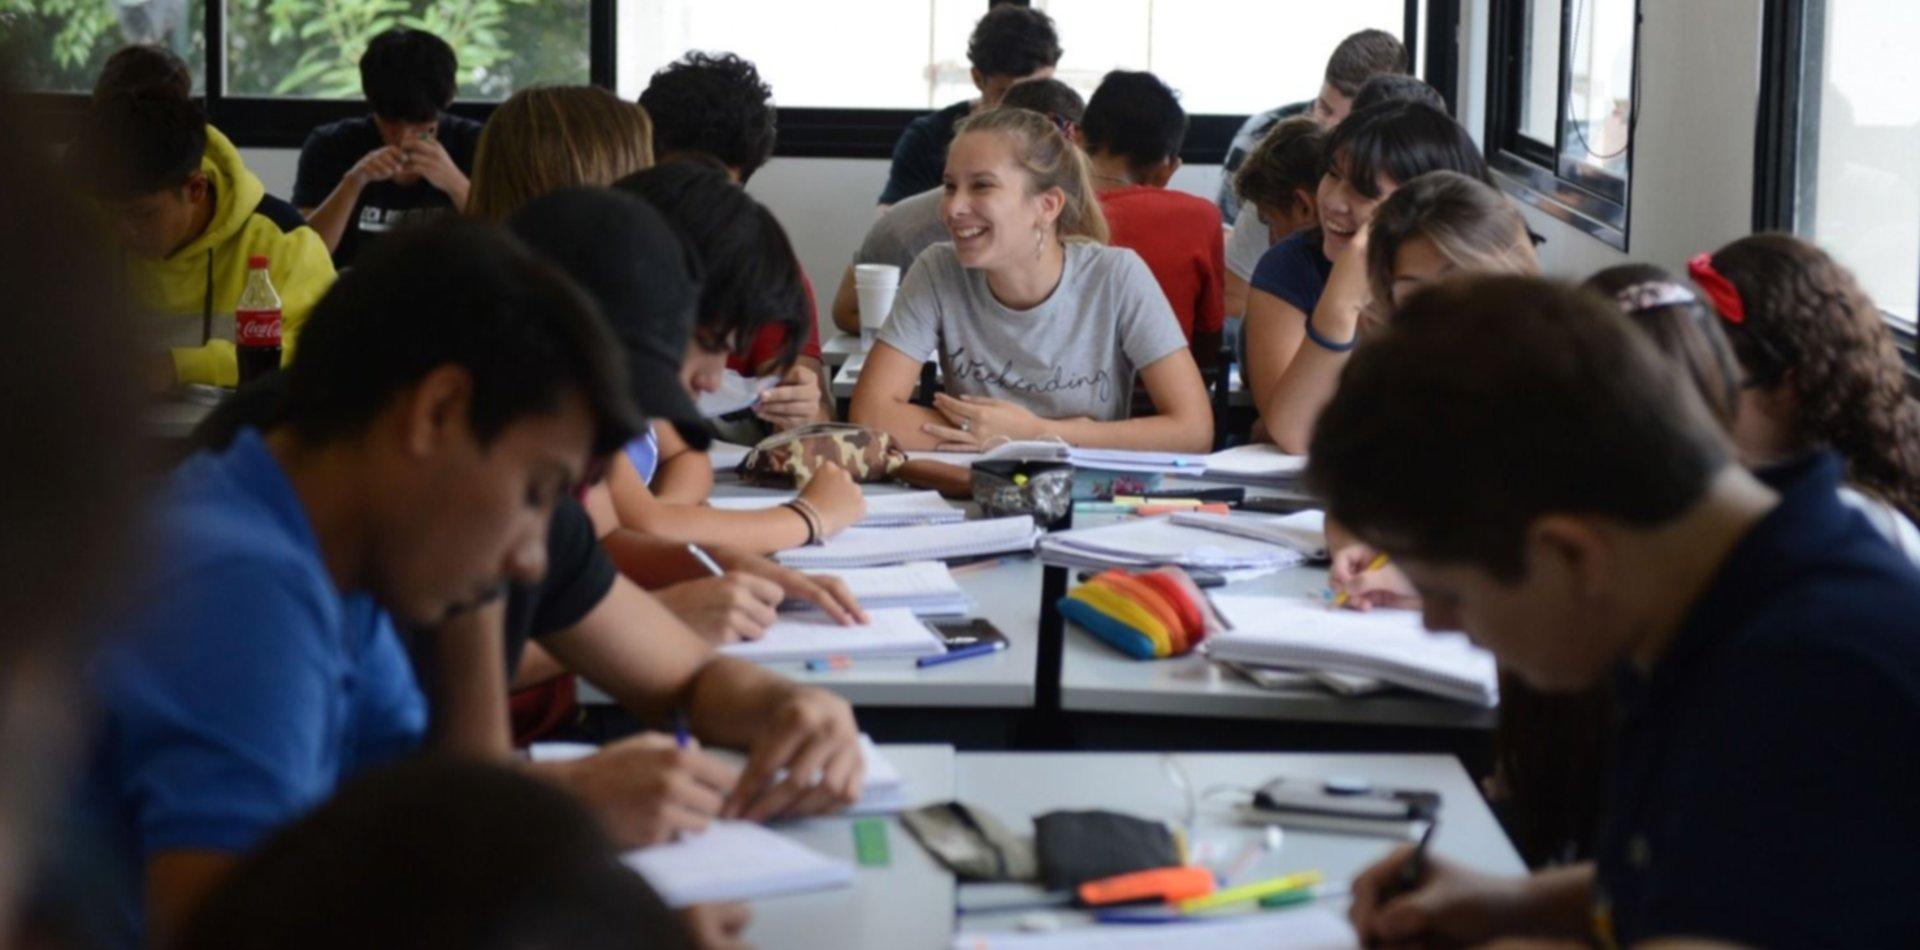 Ingeniería es la primera carrera de la UNLP con fecha de ingreso al ciclo lectivo 2021